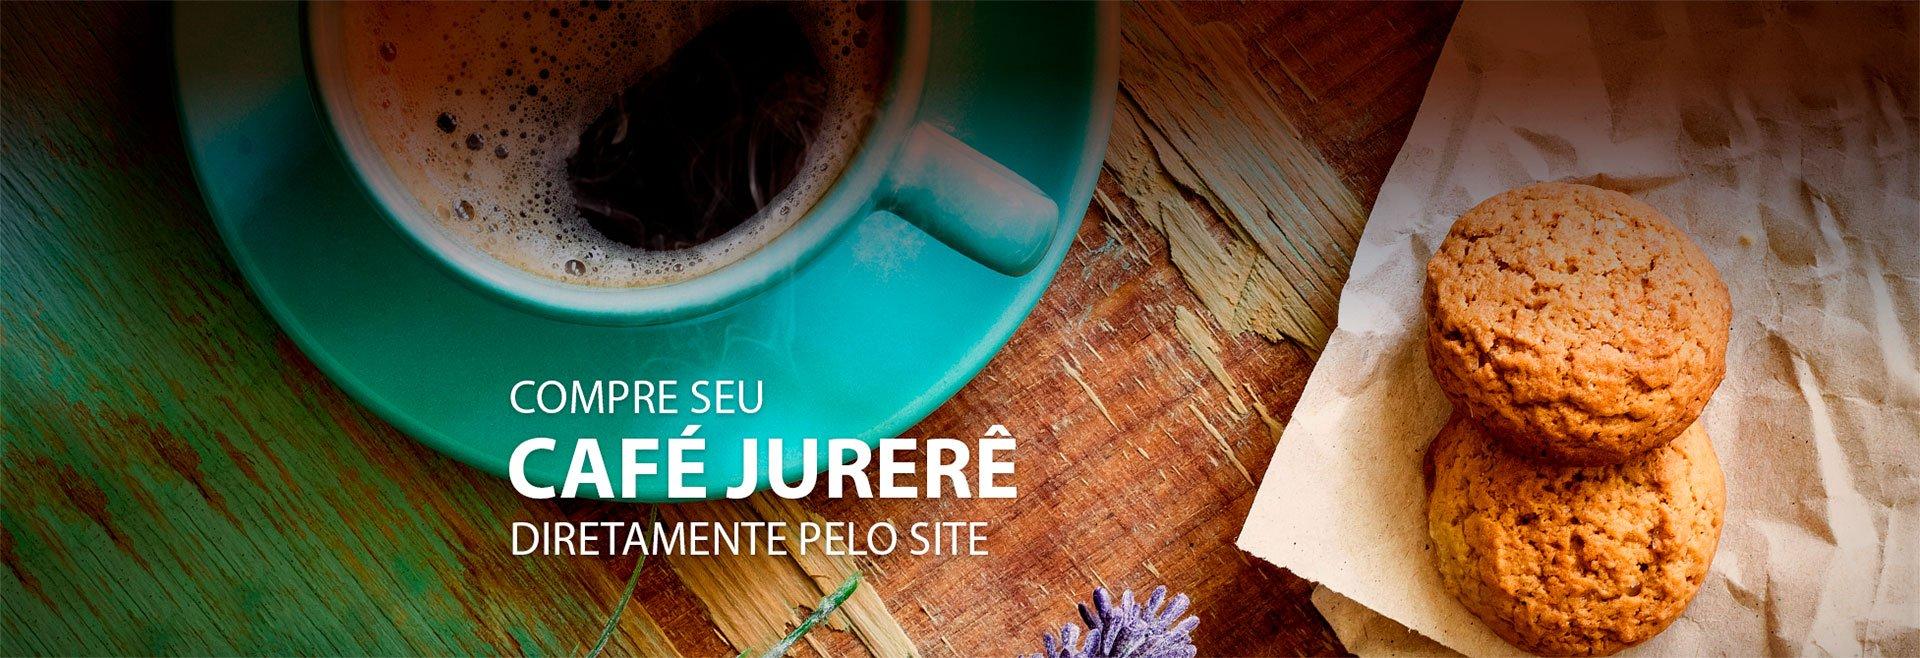 Compre seu Café Jurerê diretamente pelo site